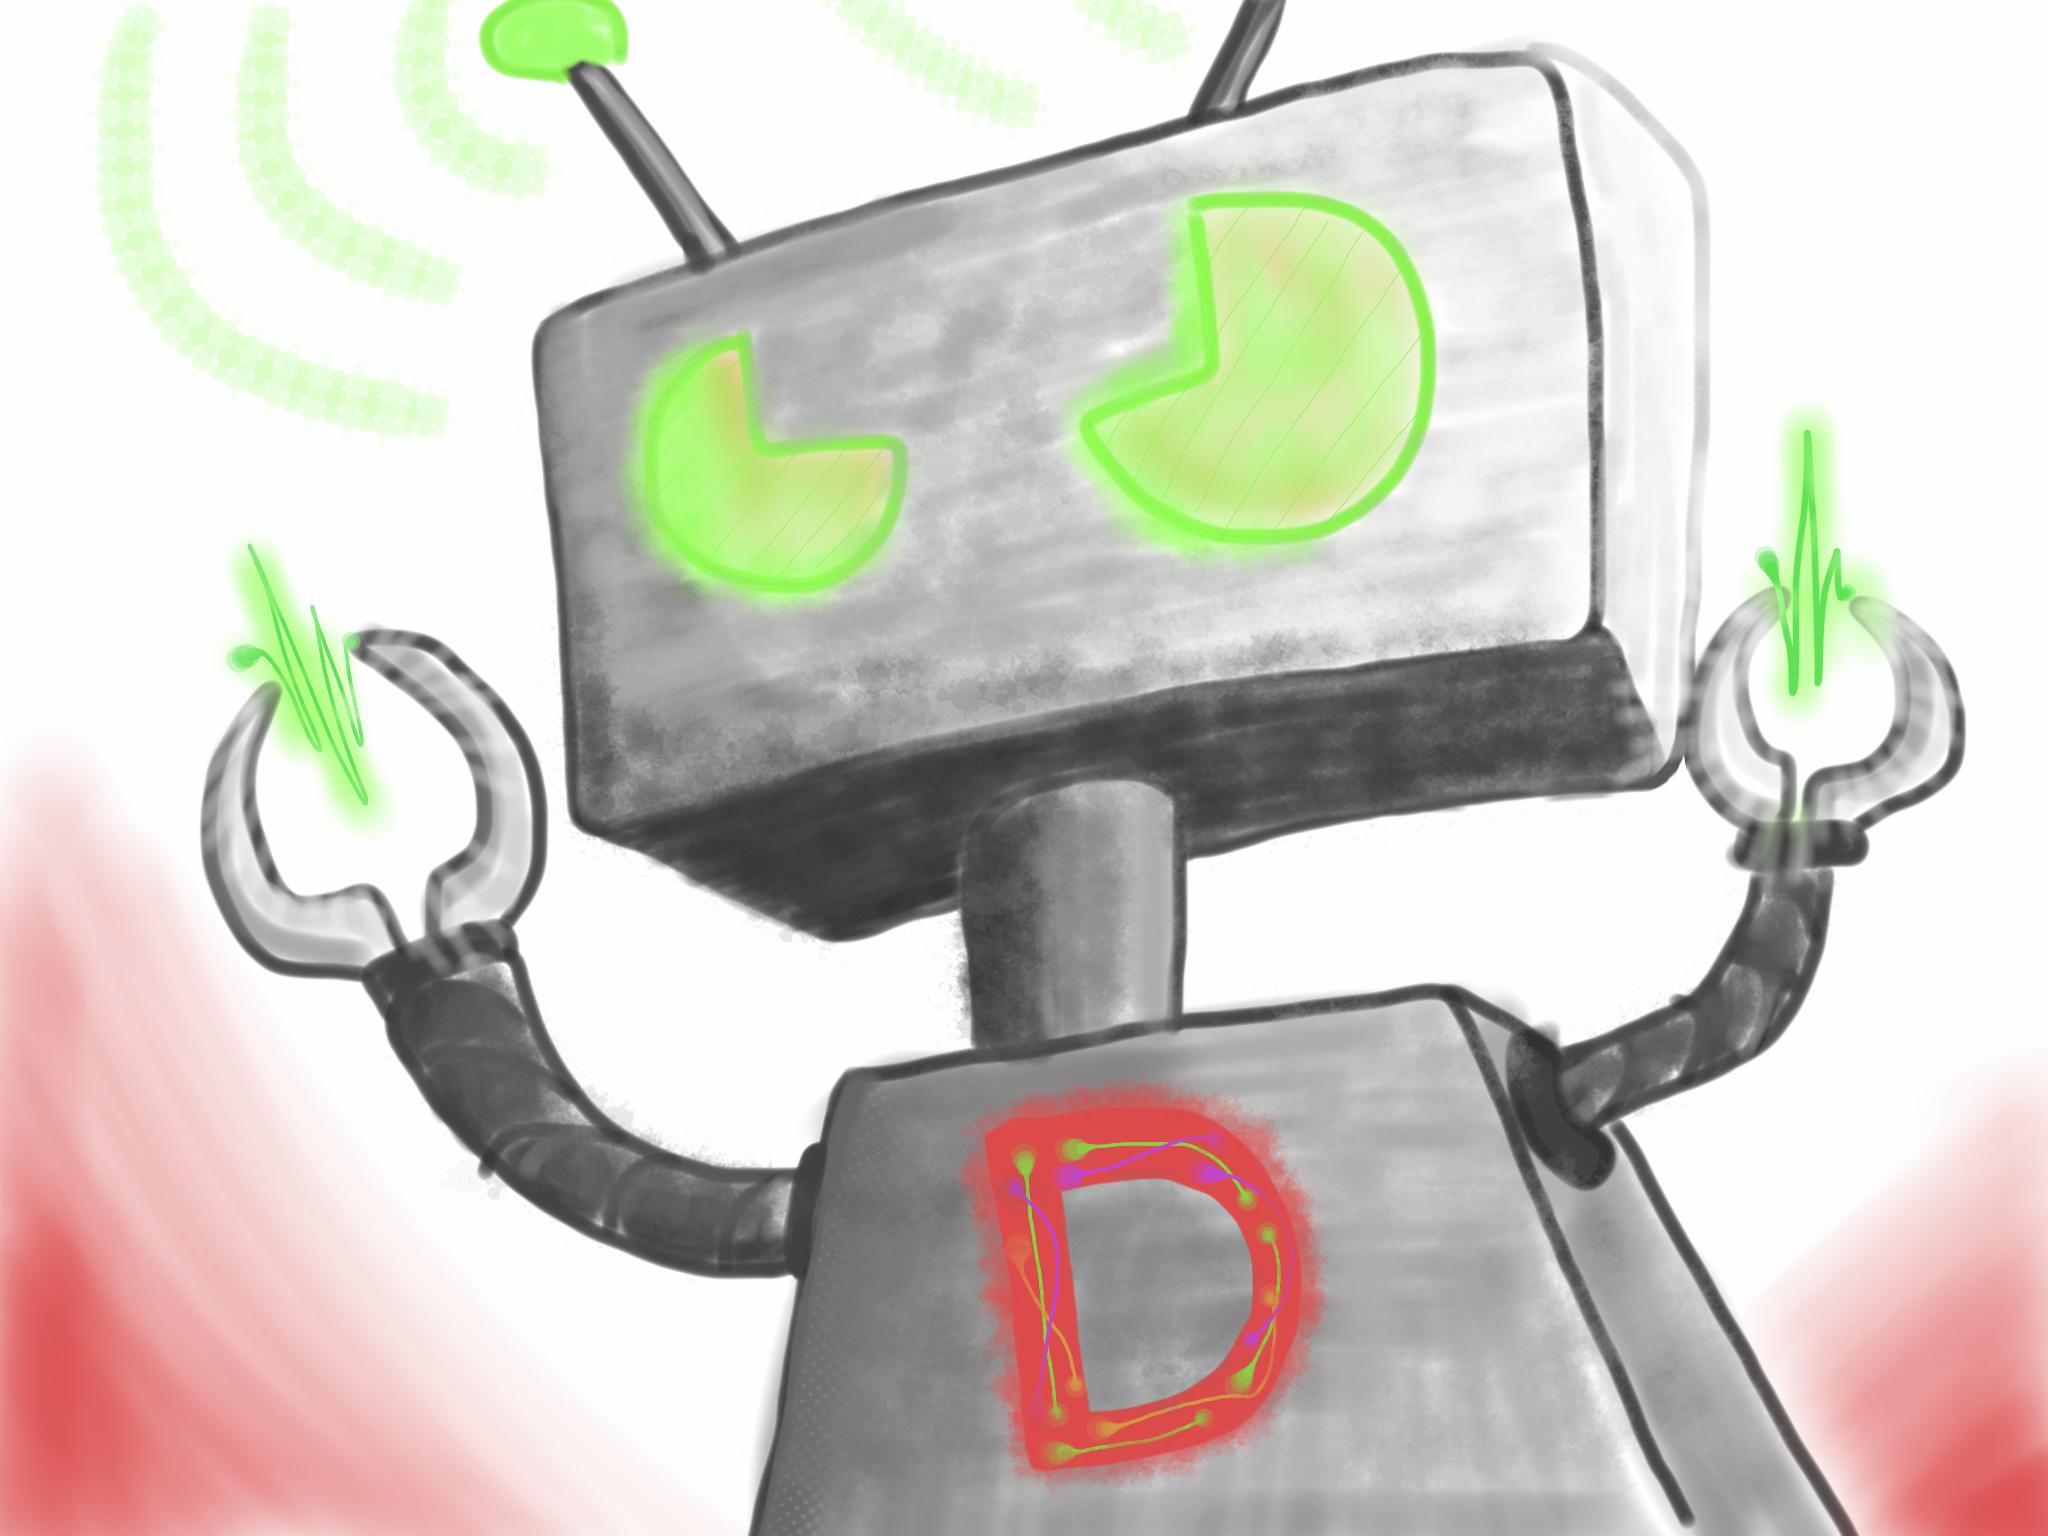 Dinklebot